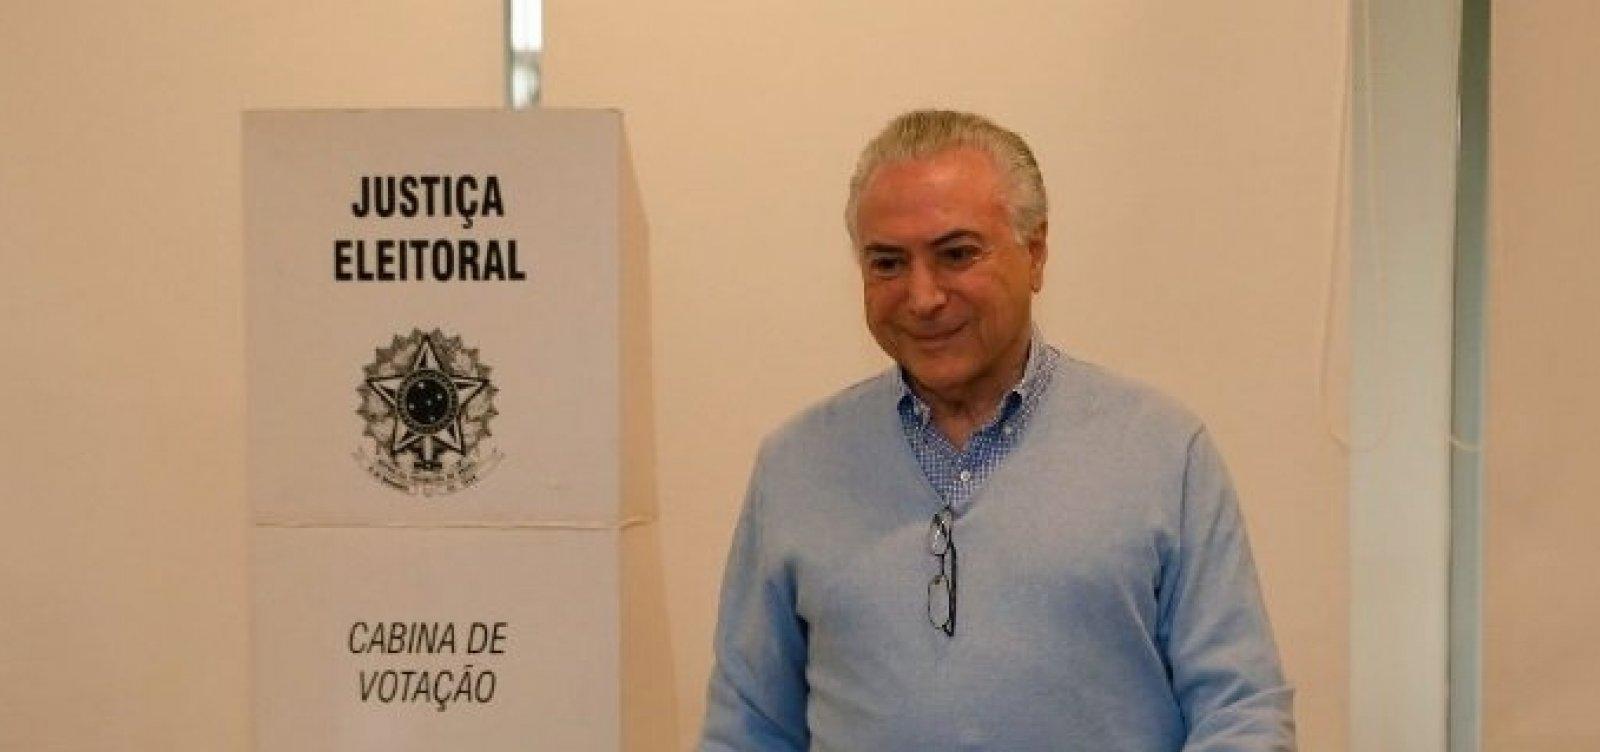 ['Depois de terminado o pleito, todos os brasileiros vão se unir', diz Temer]